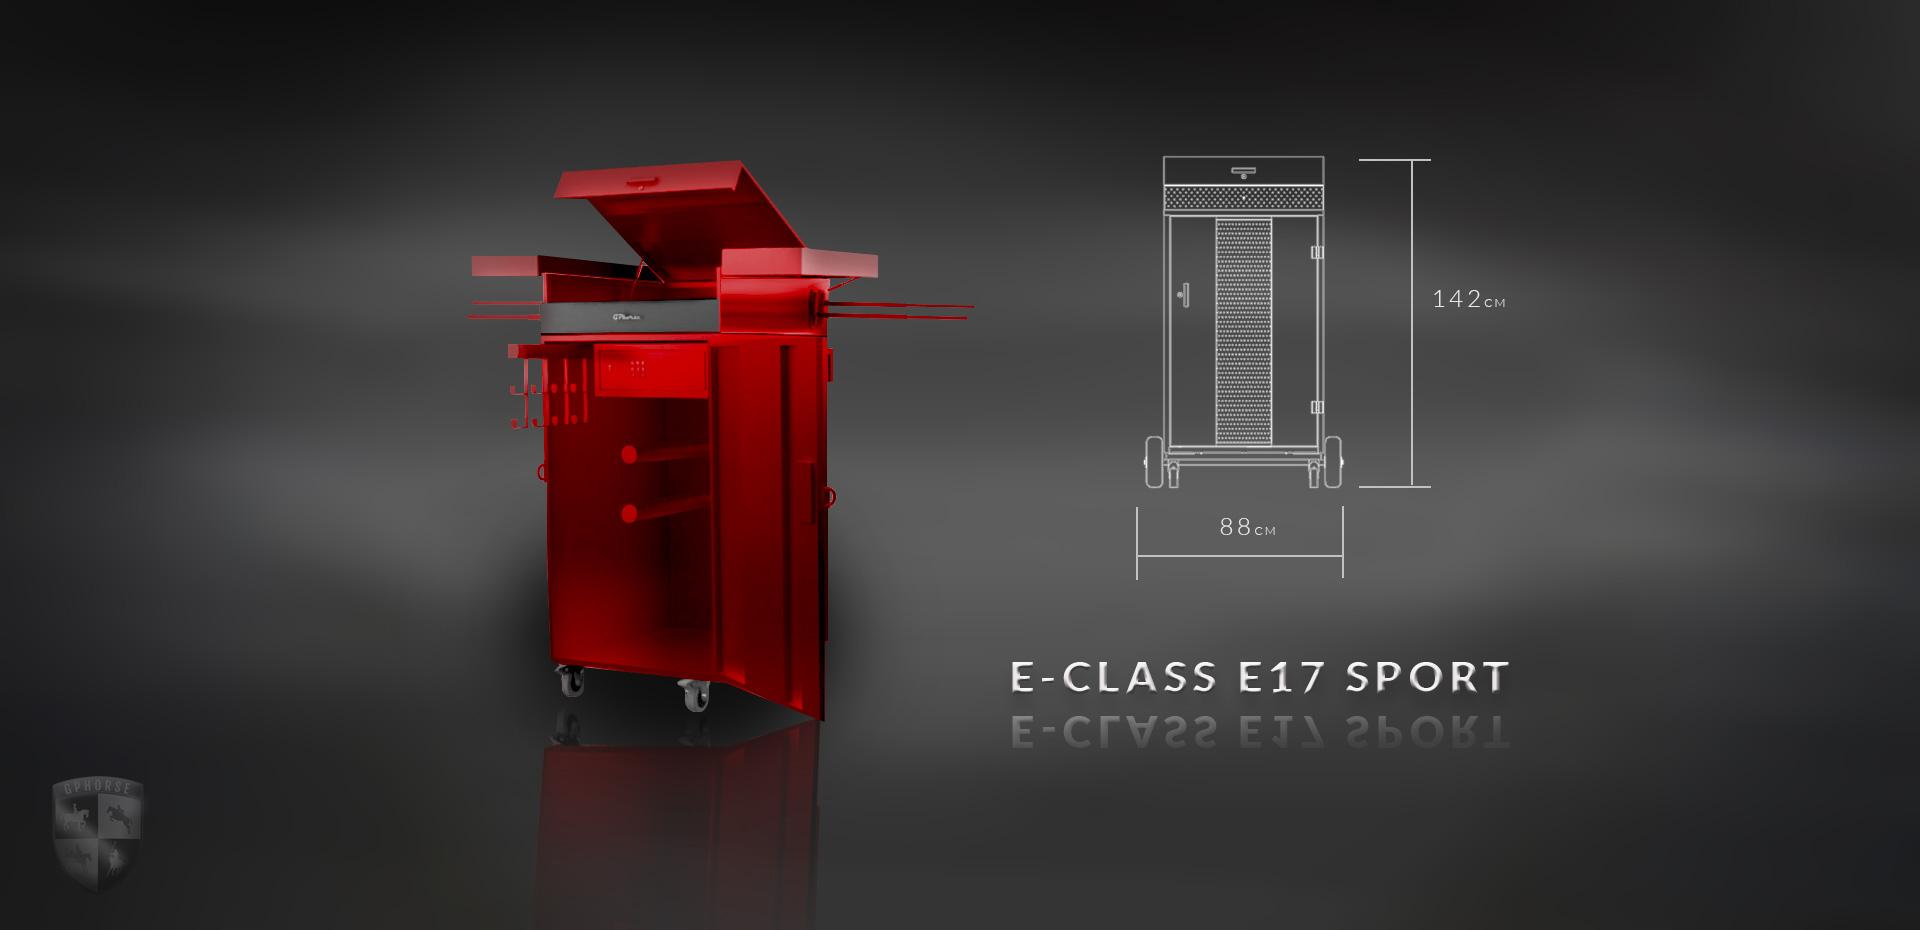 tlo-e-class-e17-sport